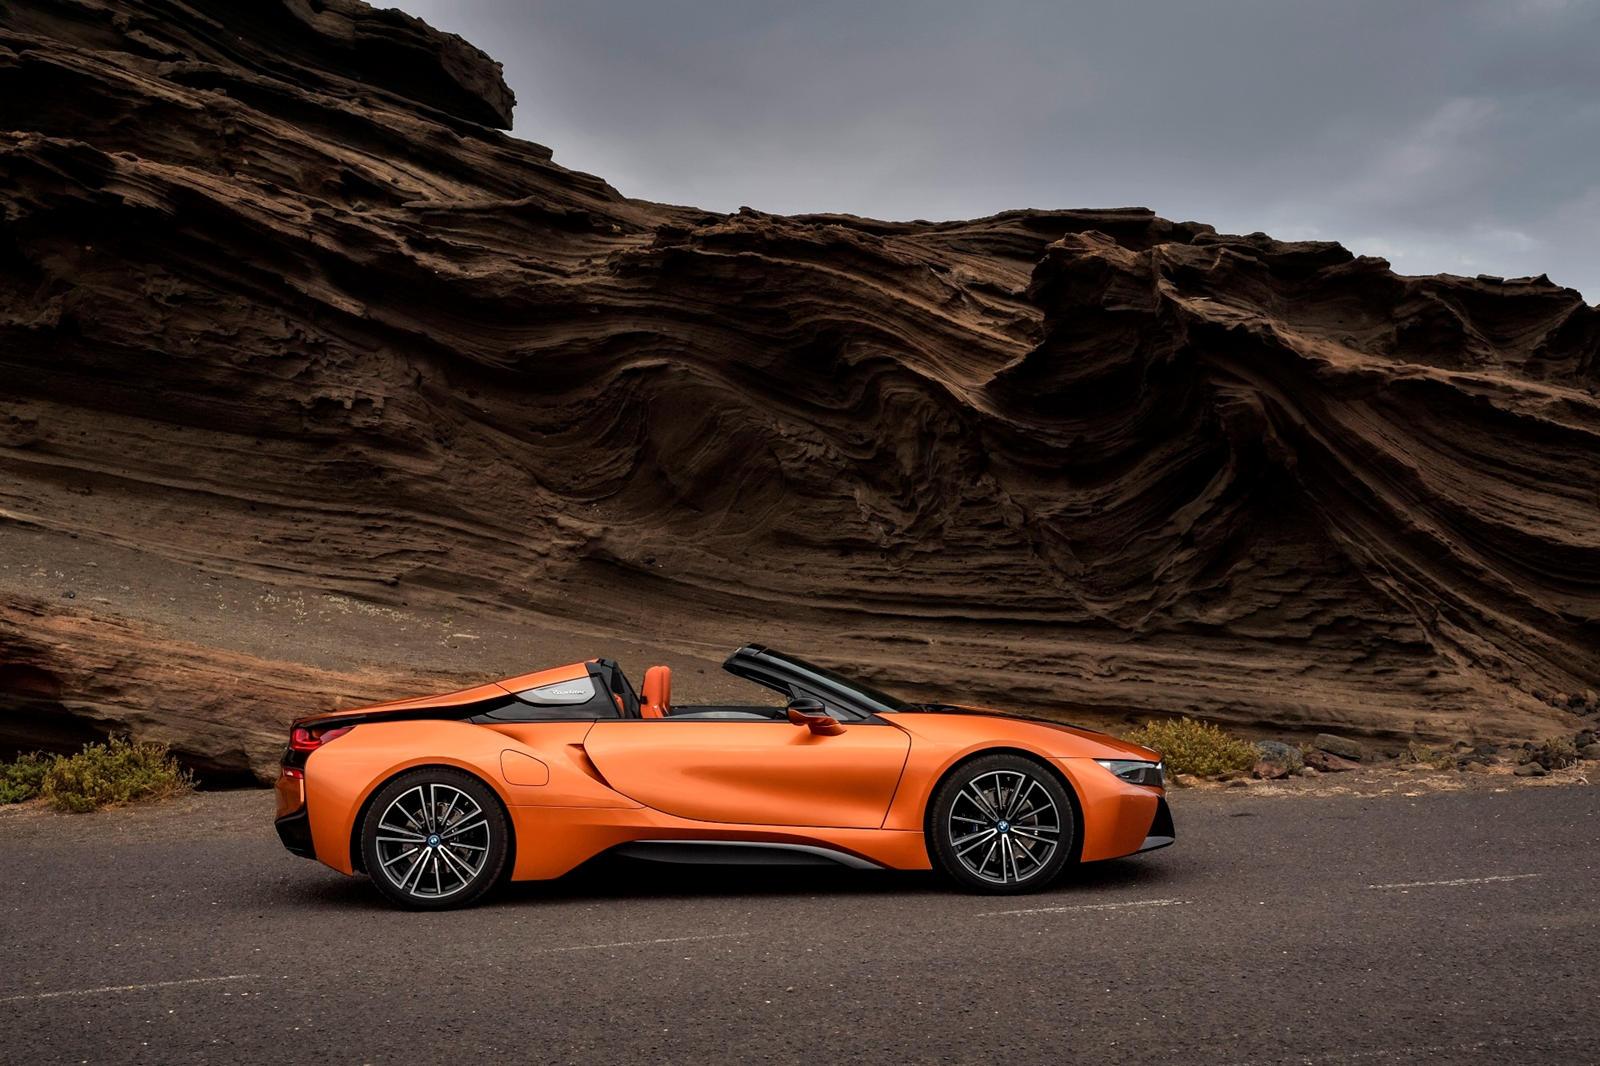 i8 был ведущим гибридным спортивным автомобилем BMW с 2014 года, и с завершением производства мы увидели множество специальных выпусков, сходящих с конвейера. Но история i8 еще долго не закончится, так как послепродажные тюнеры вышли на платформу с о